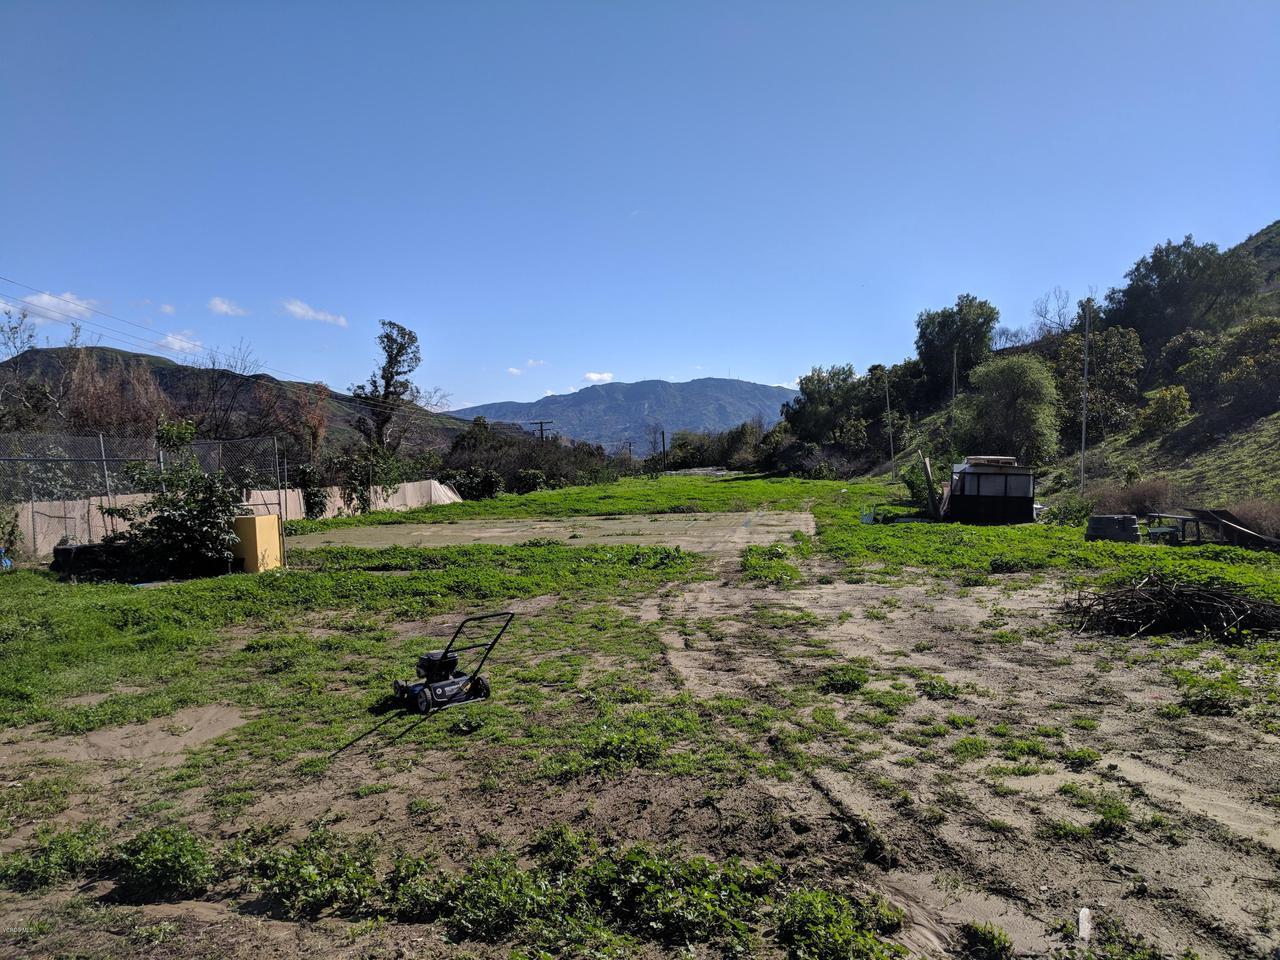 4425 OJAI, Santa Paula, CA 93060 - IMG_20190205_125122